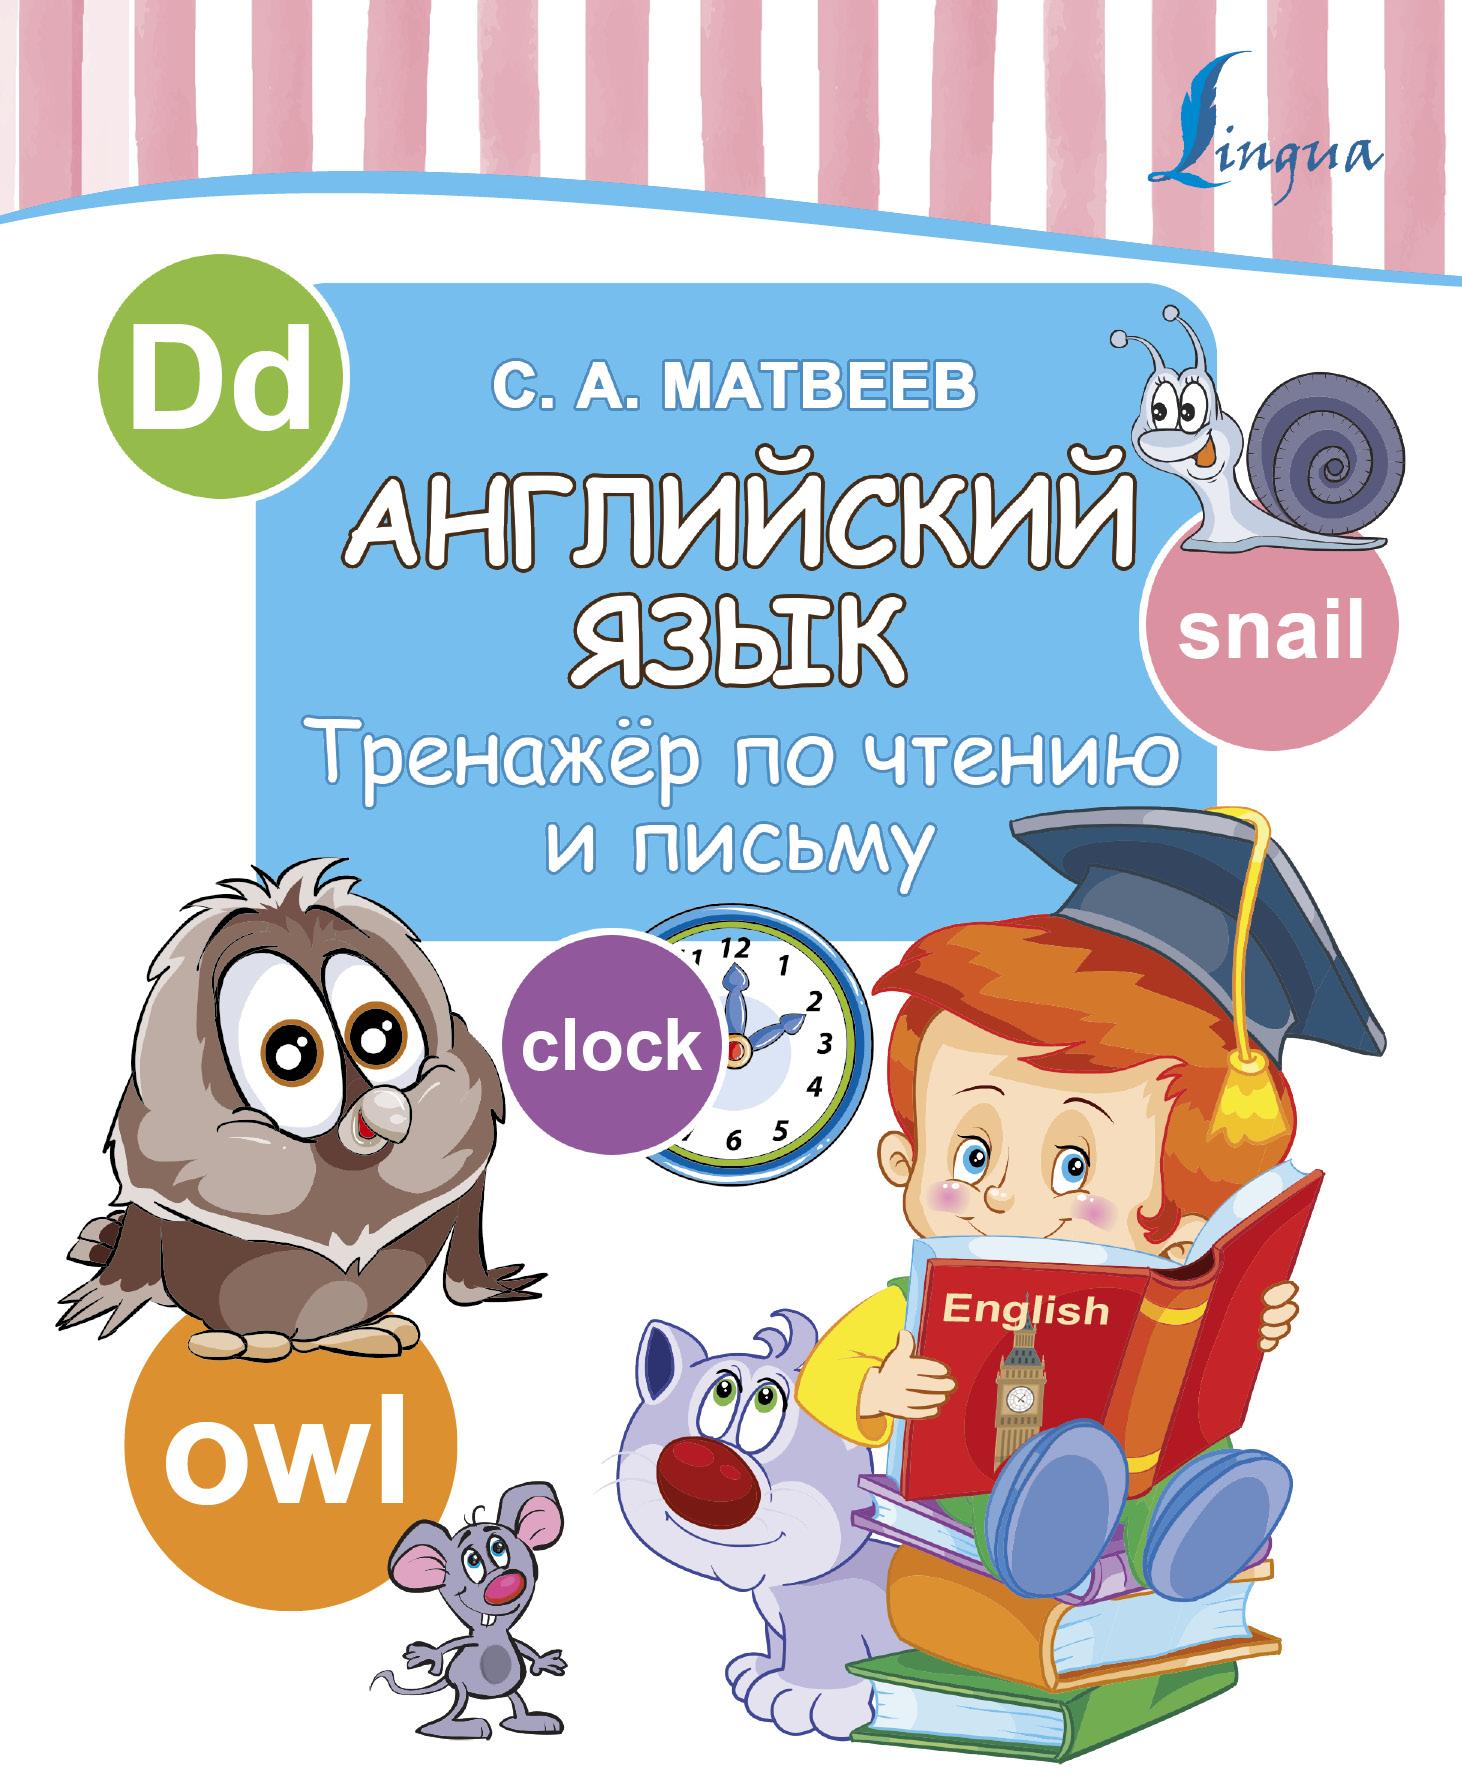 С. А. Матвеев Английский язык. Тренажер по чтению и письму цена